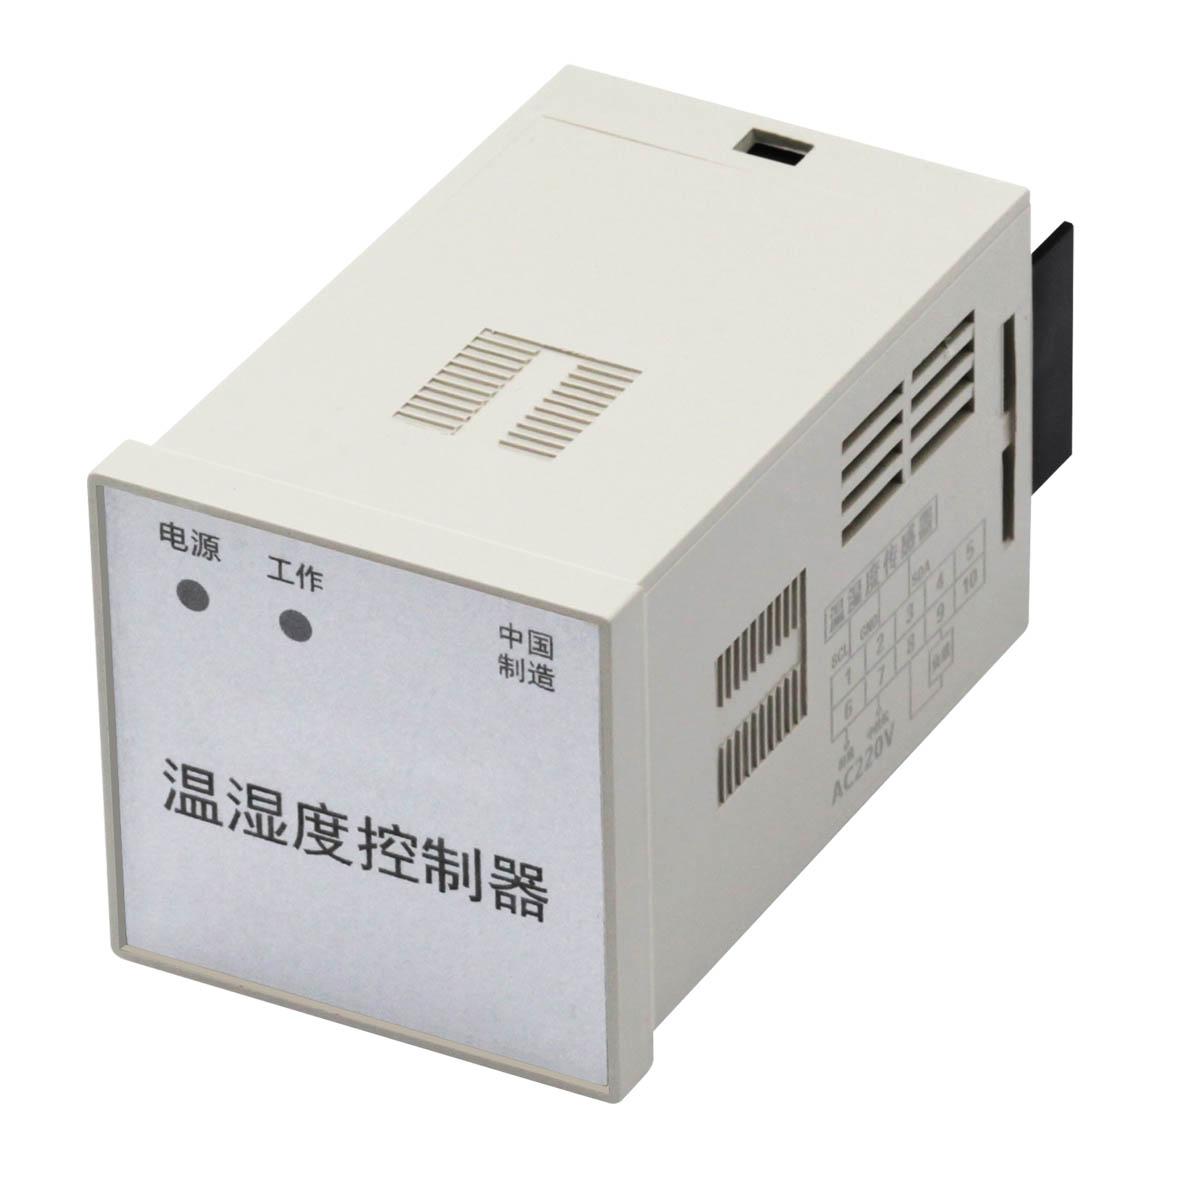 福州CE-IJ03-80ES-1.0/100A 无源单路开口式交流电流传感产品优